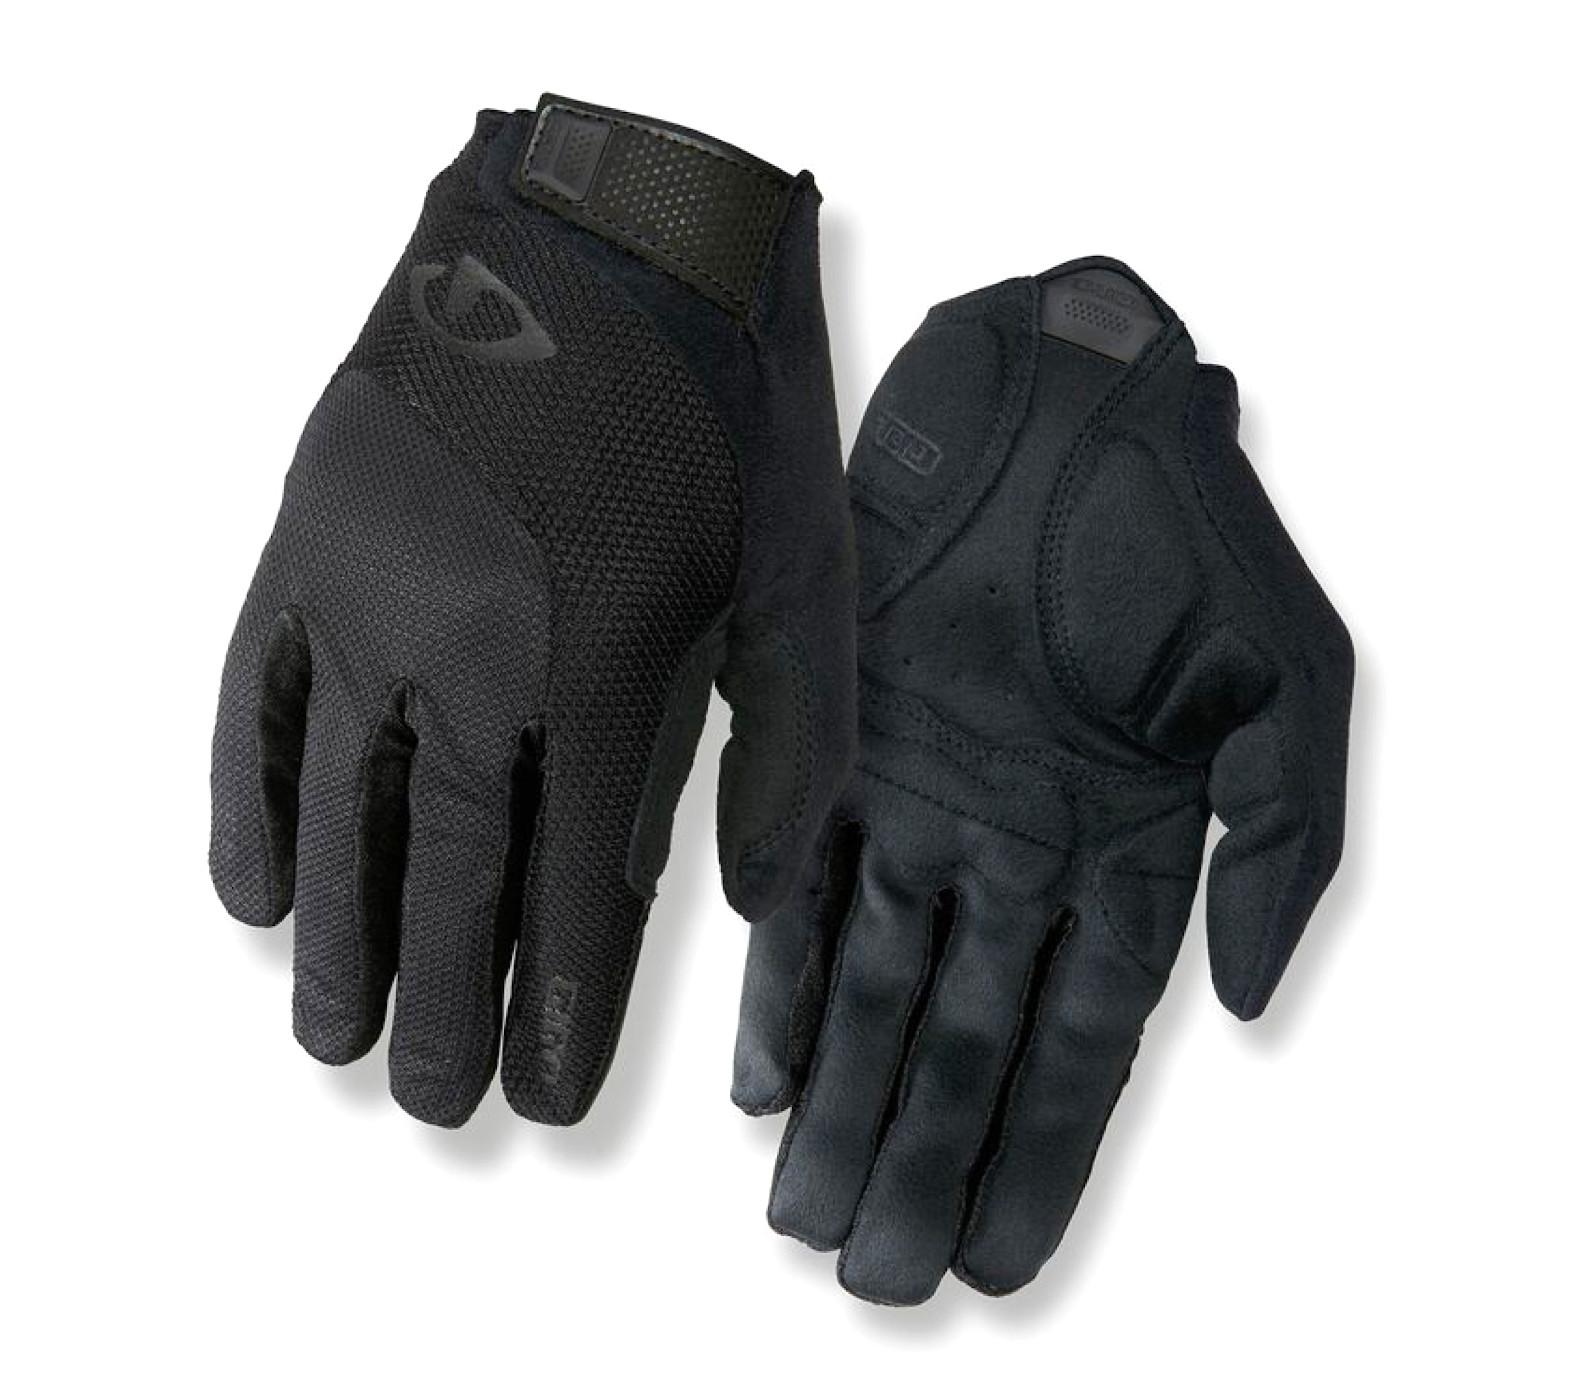 Giro Bravo Gel LF Glove (Black)